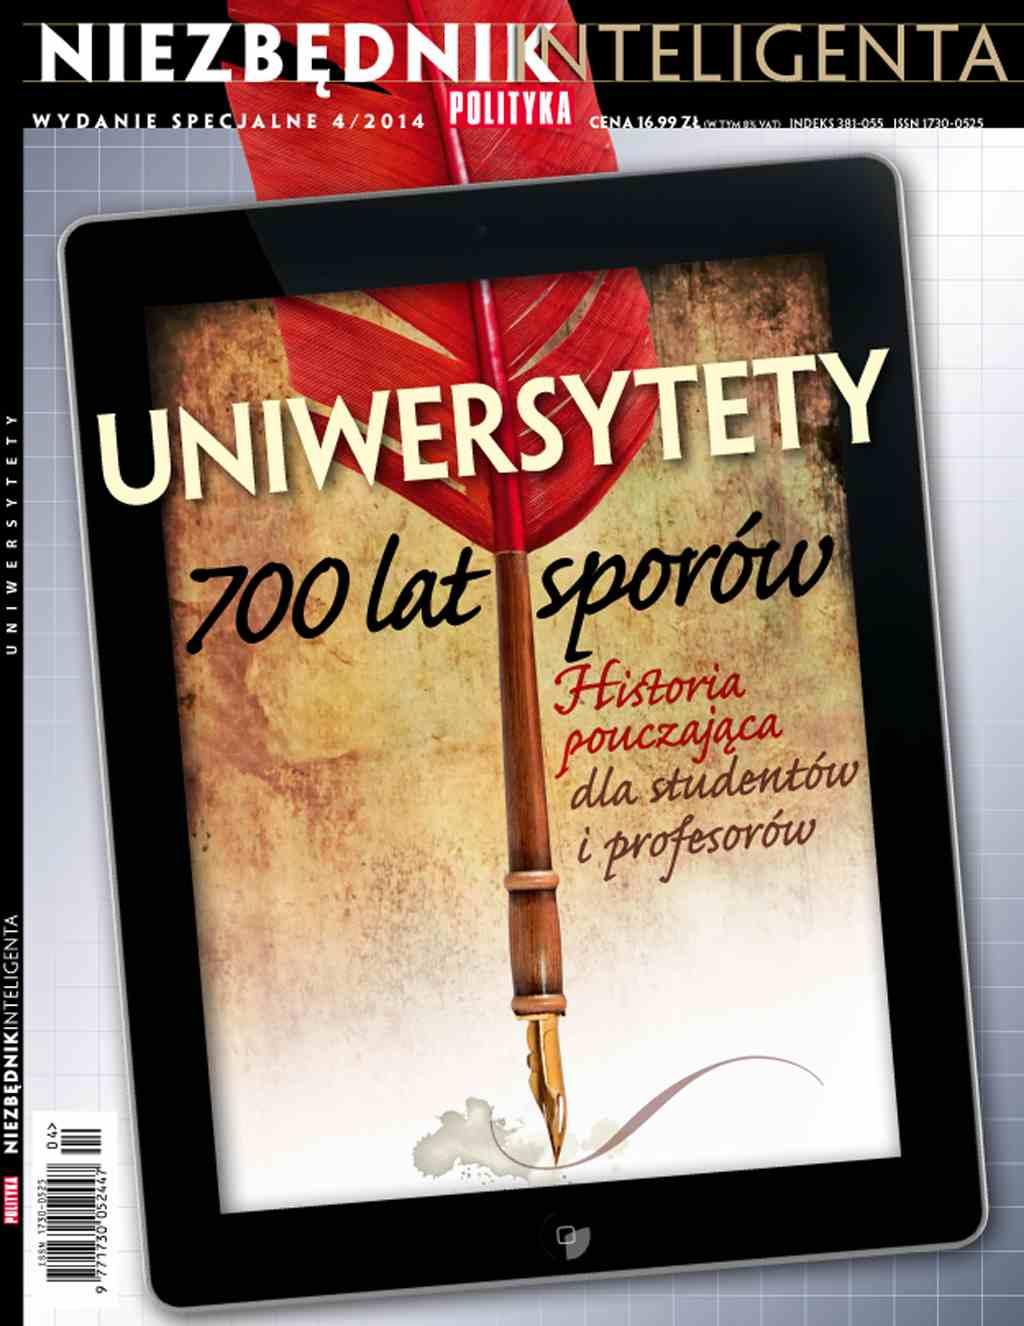 Niezbędnik inteligenta: Uniwersytety - Ebook (Książka PDF) do pobrania w formacie PDF